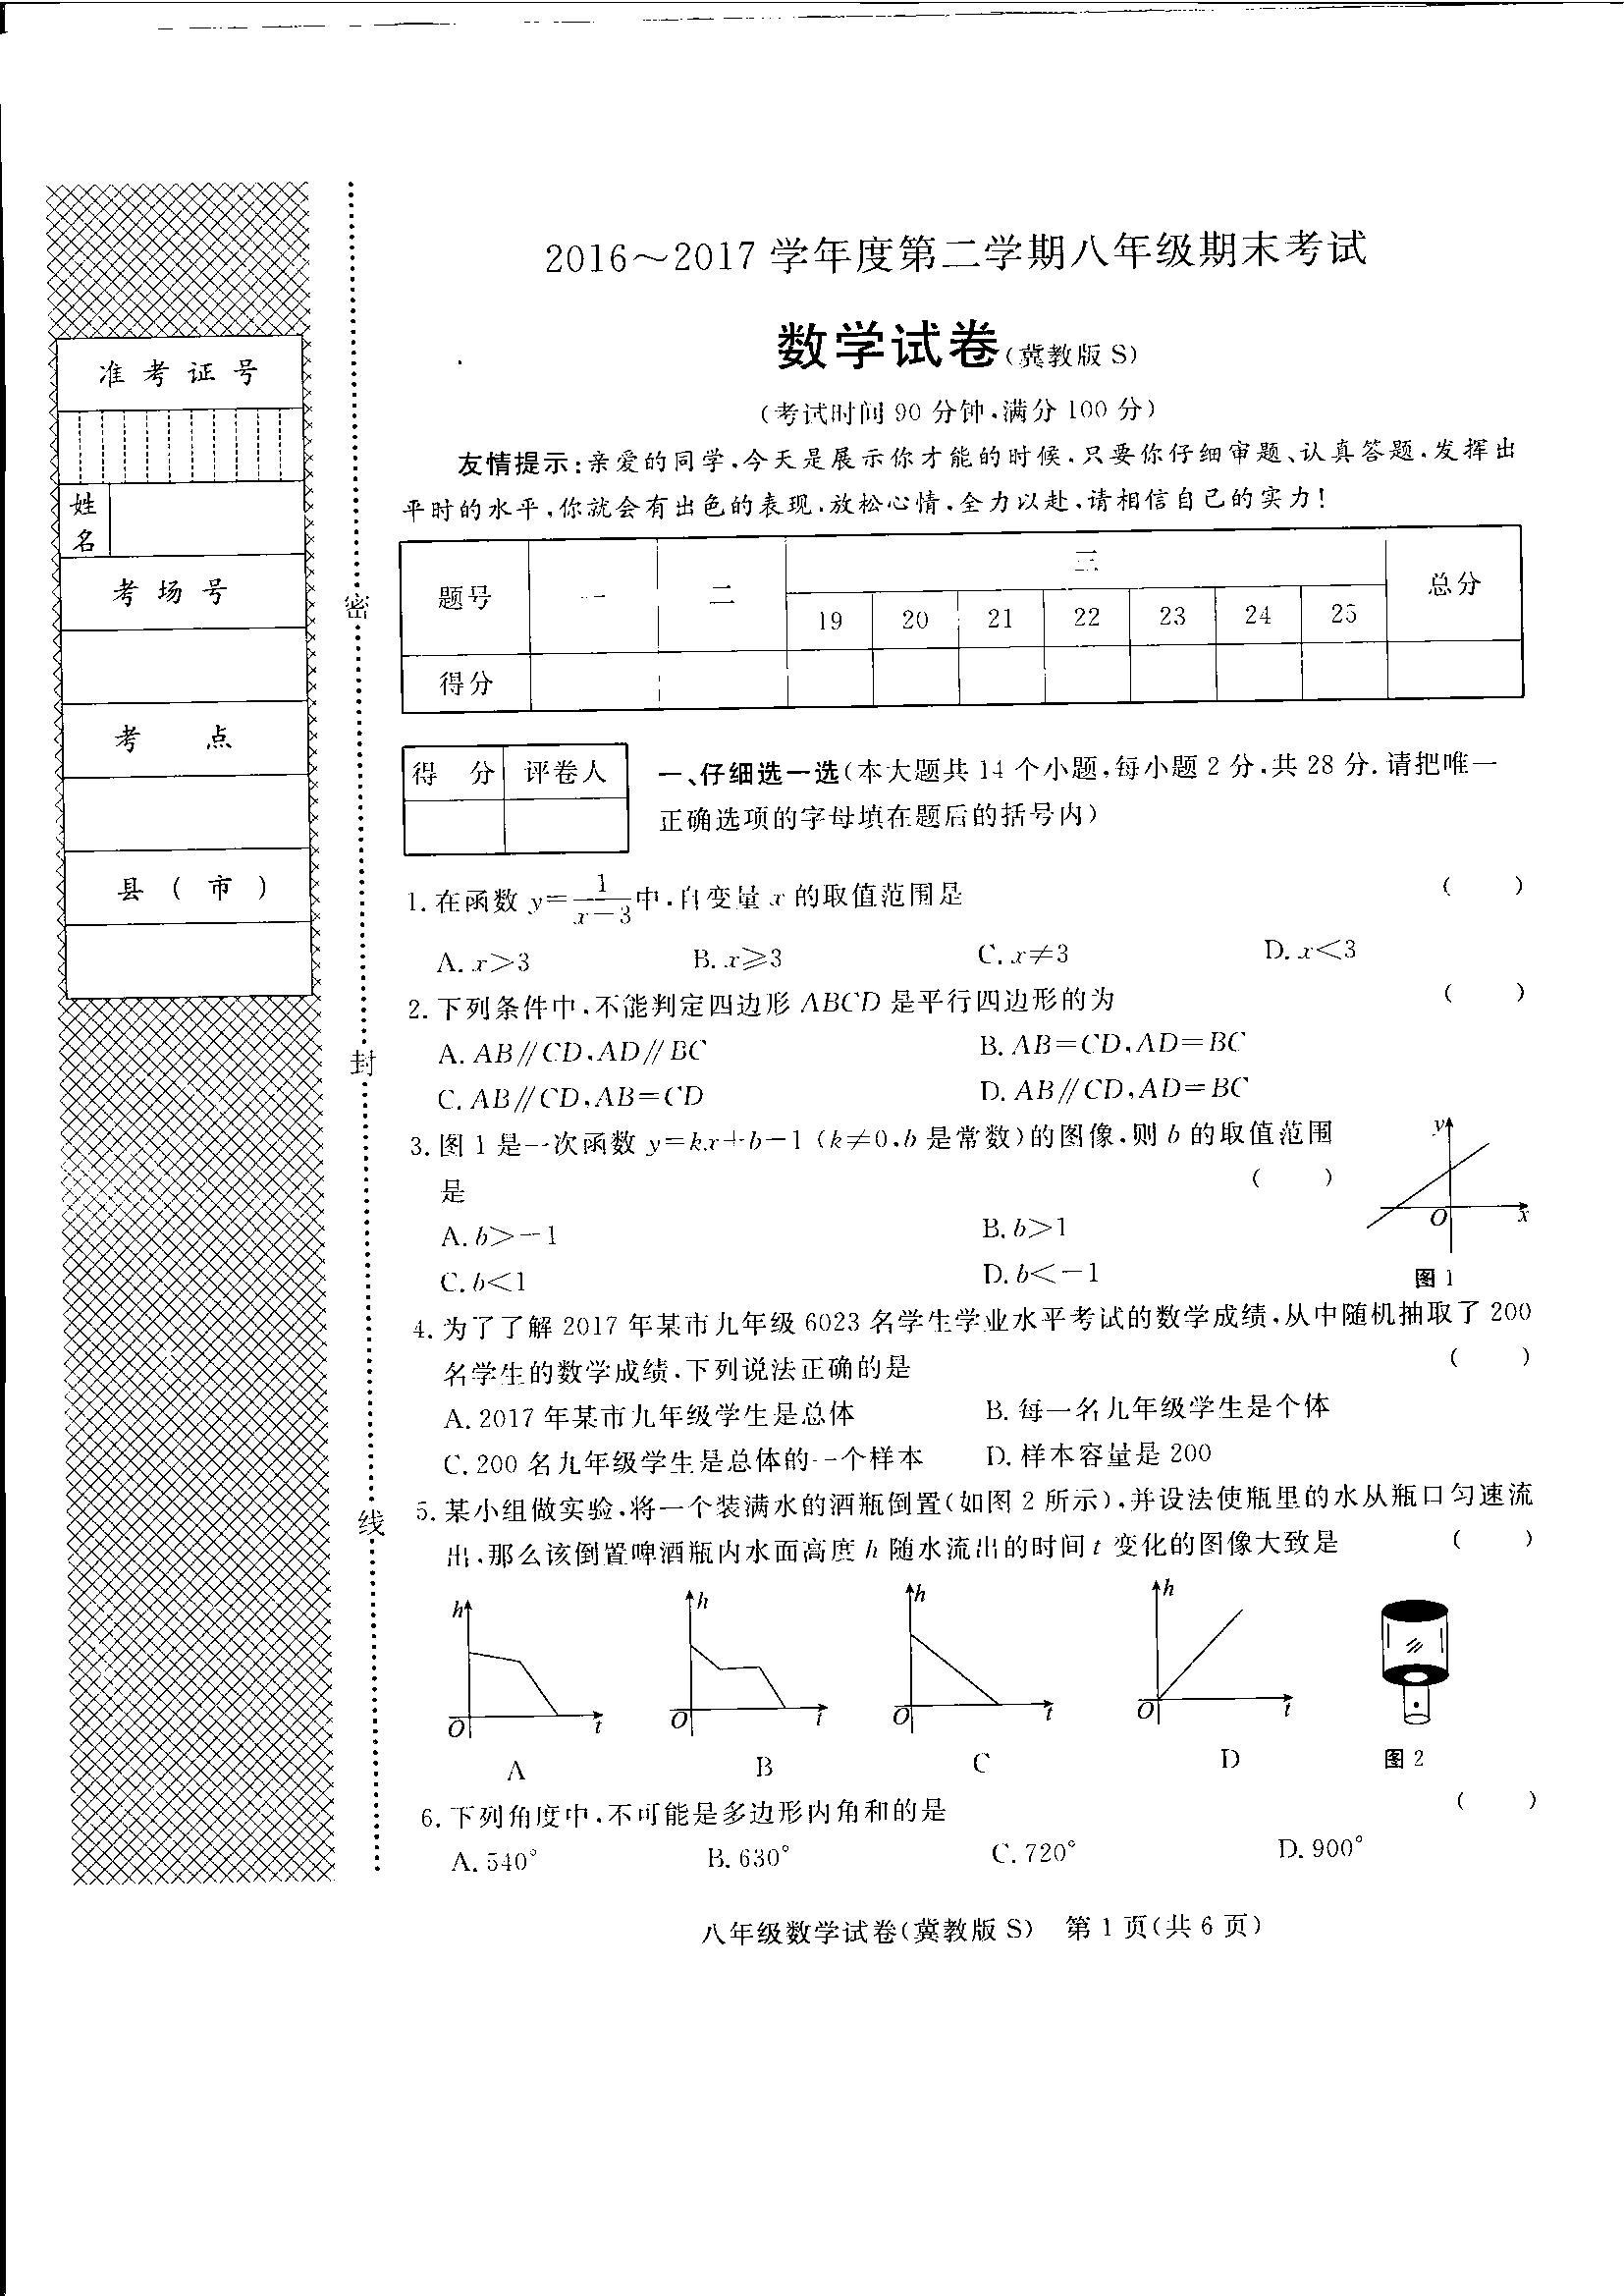 2017新华区八年级下数学期末试卷 word版